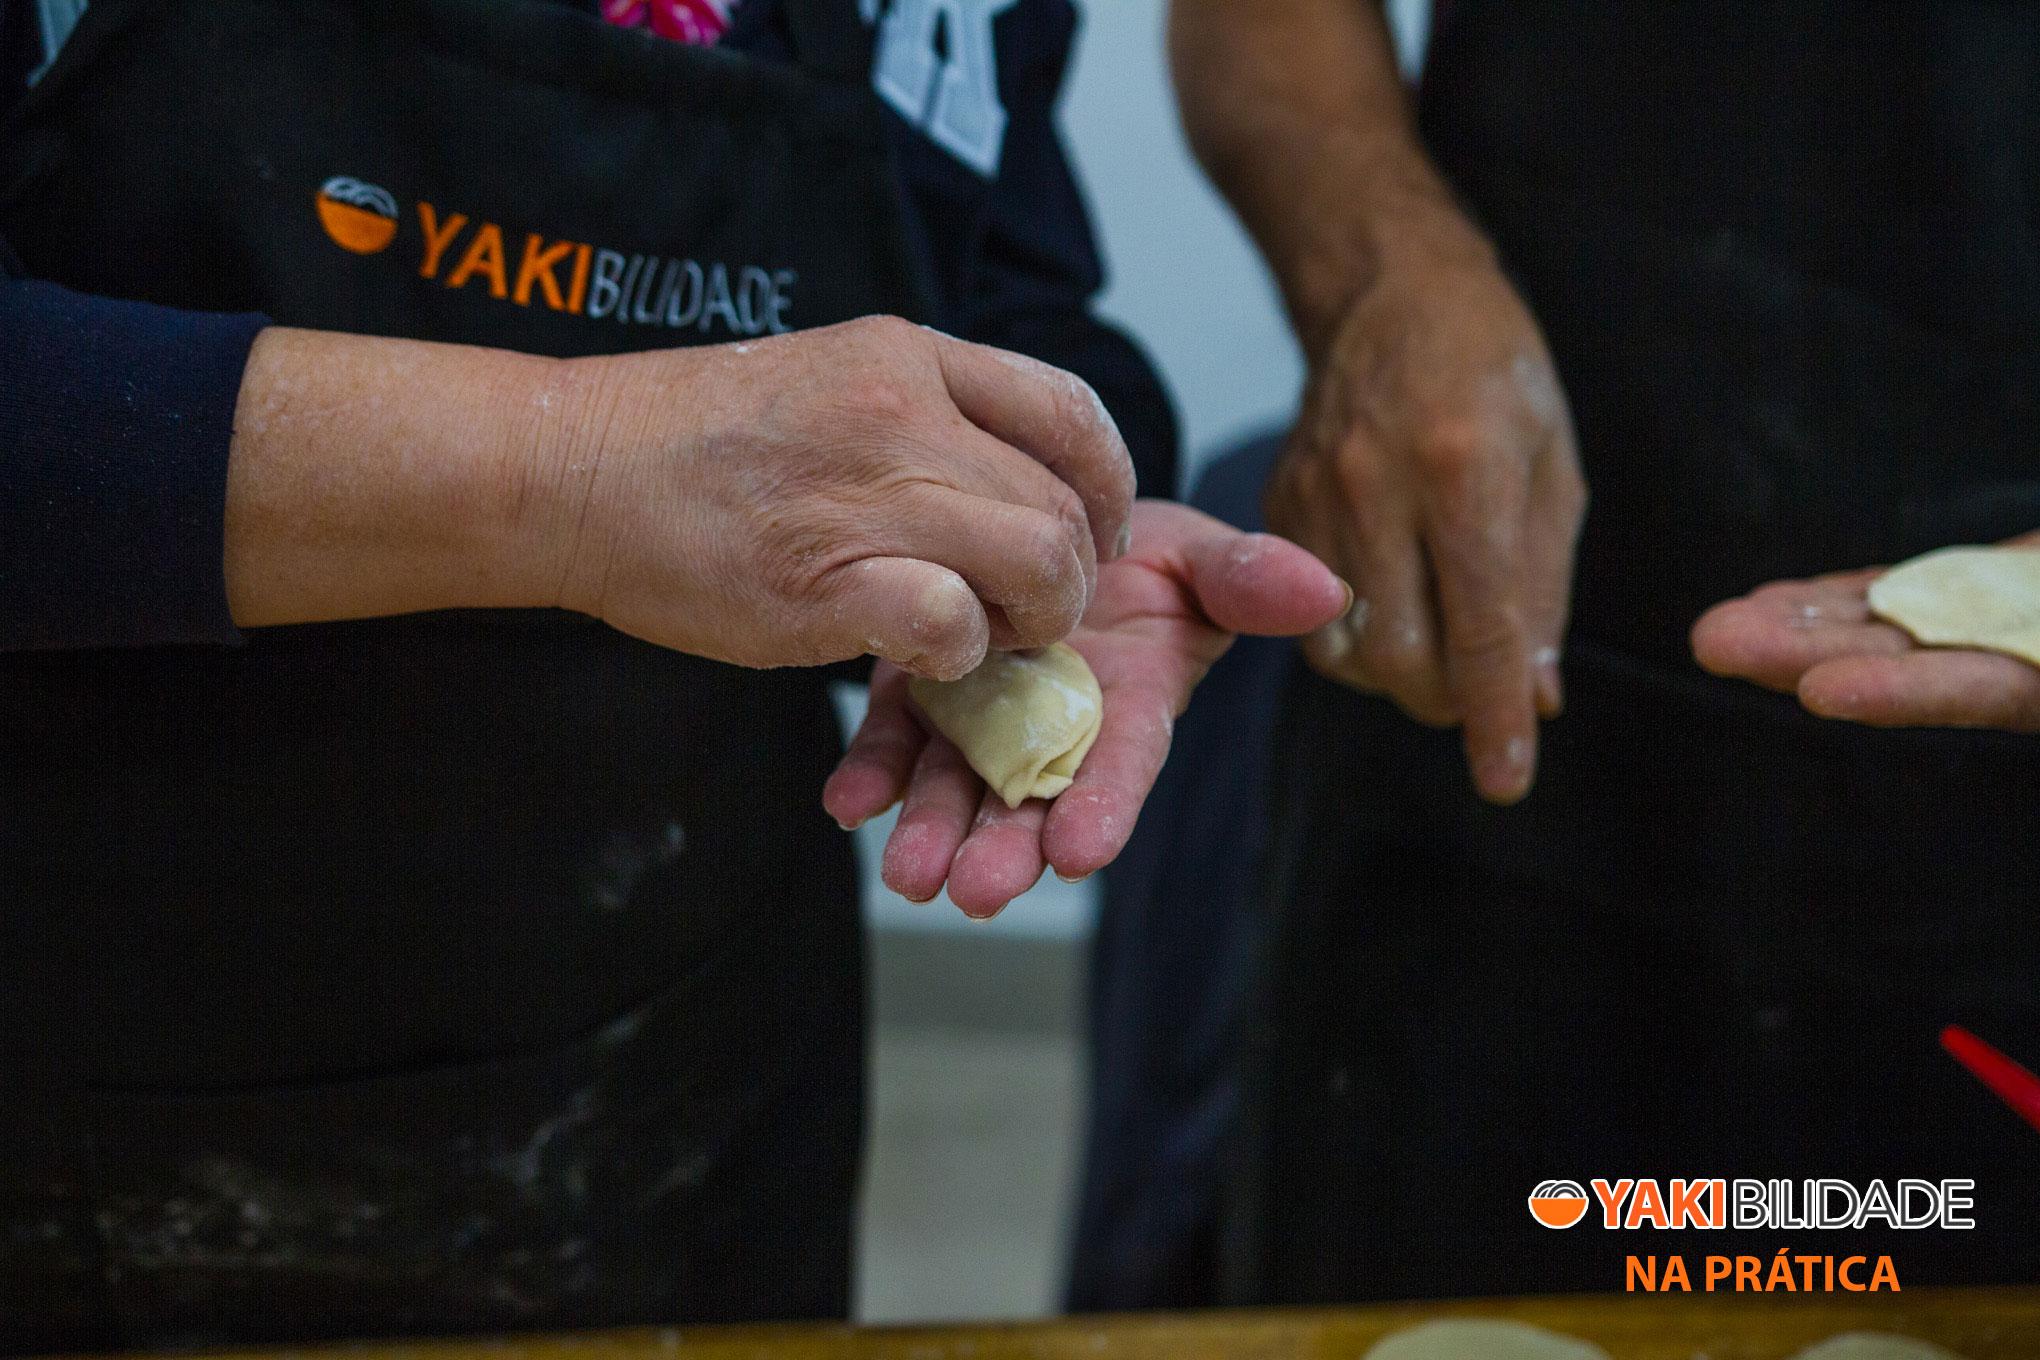 Turma 01 - Curso de Culinária Japonesa Yakibilidade na Prática 03